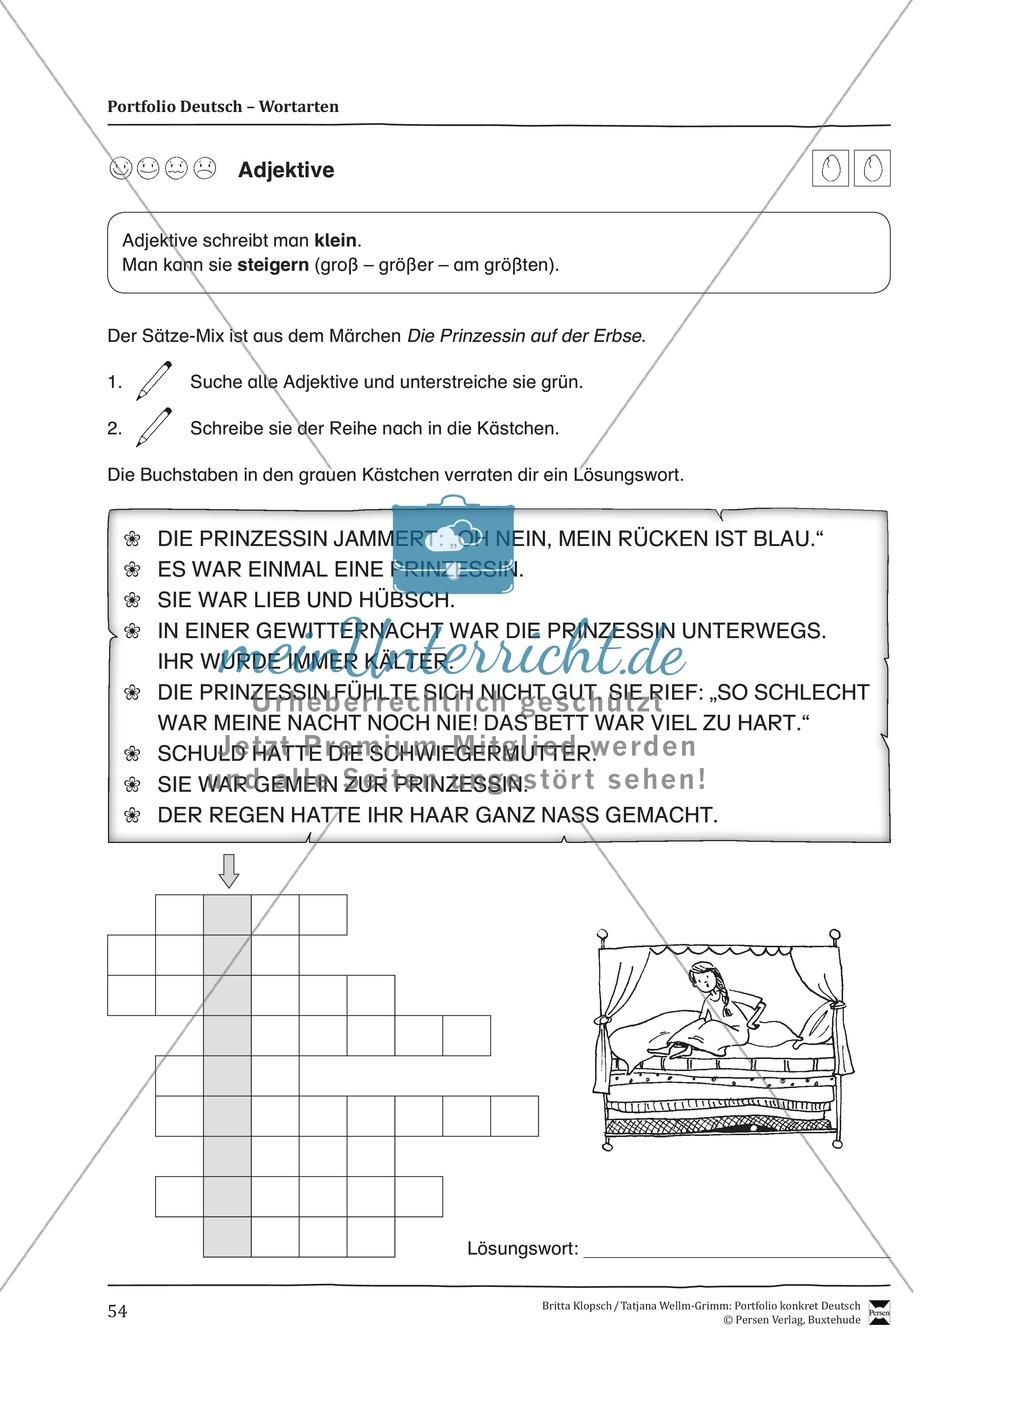 Kopiervorlagen für den Themenbereich Wortarten Preview 11